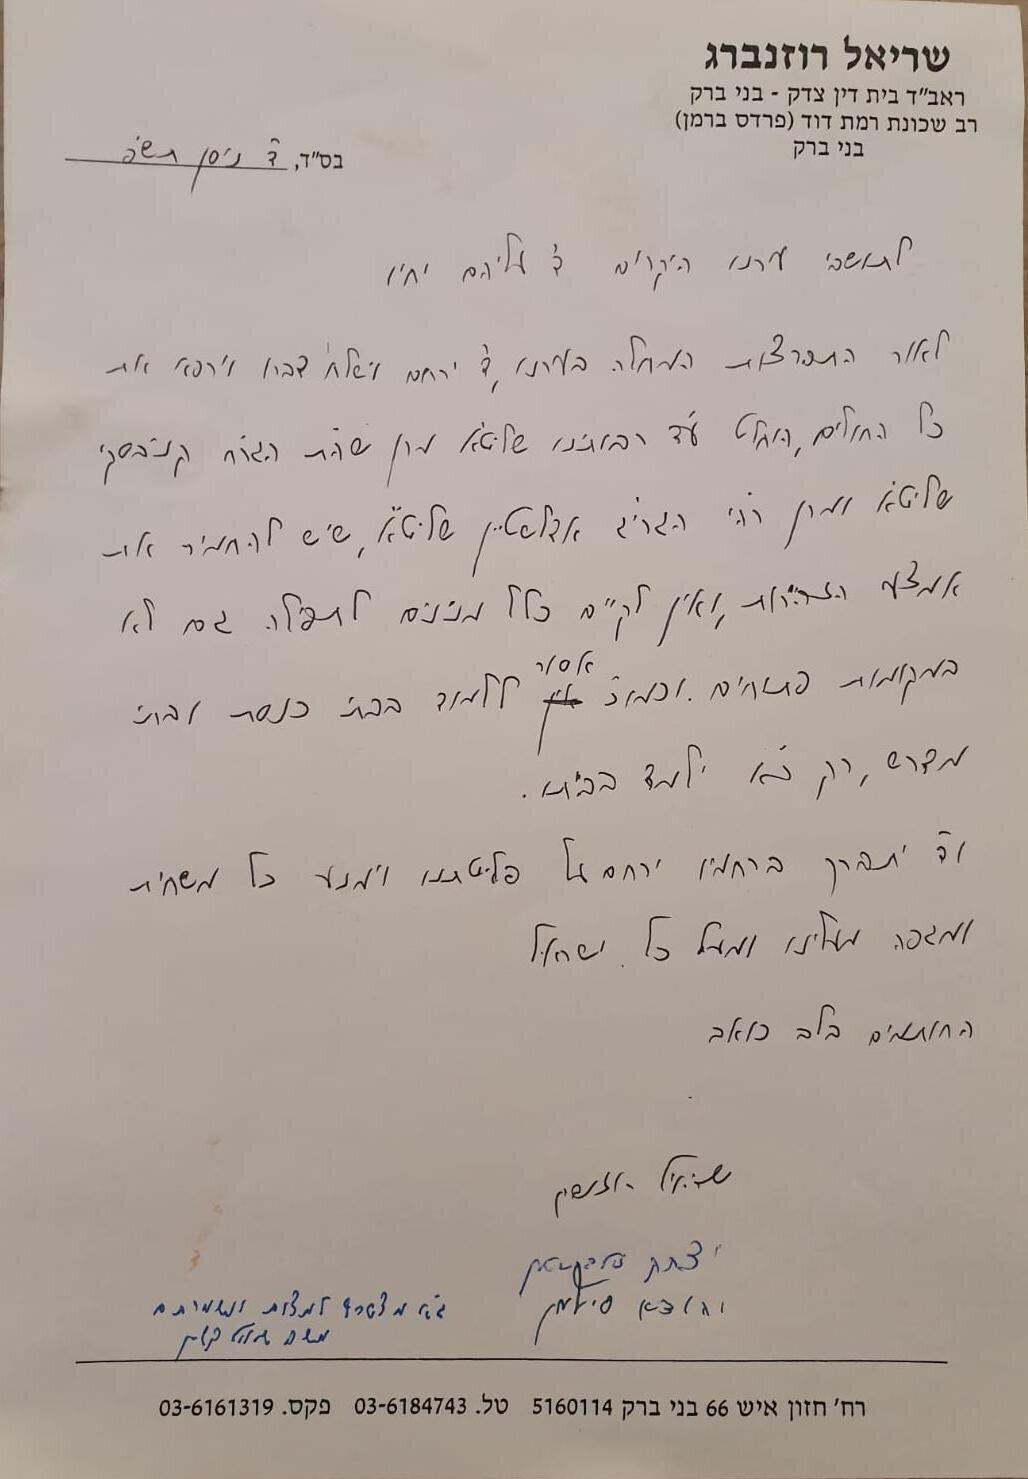 קורונה - מרן ר' חיים קנייבסקי: אין להתפלל במנין!